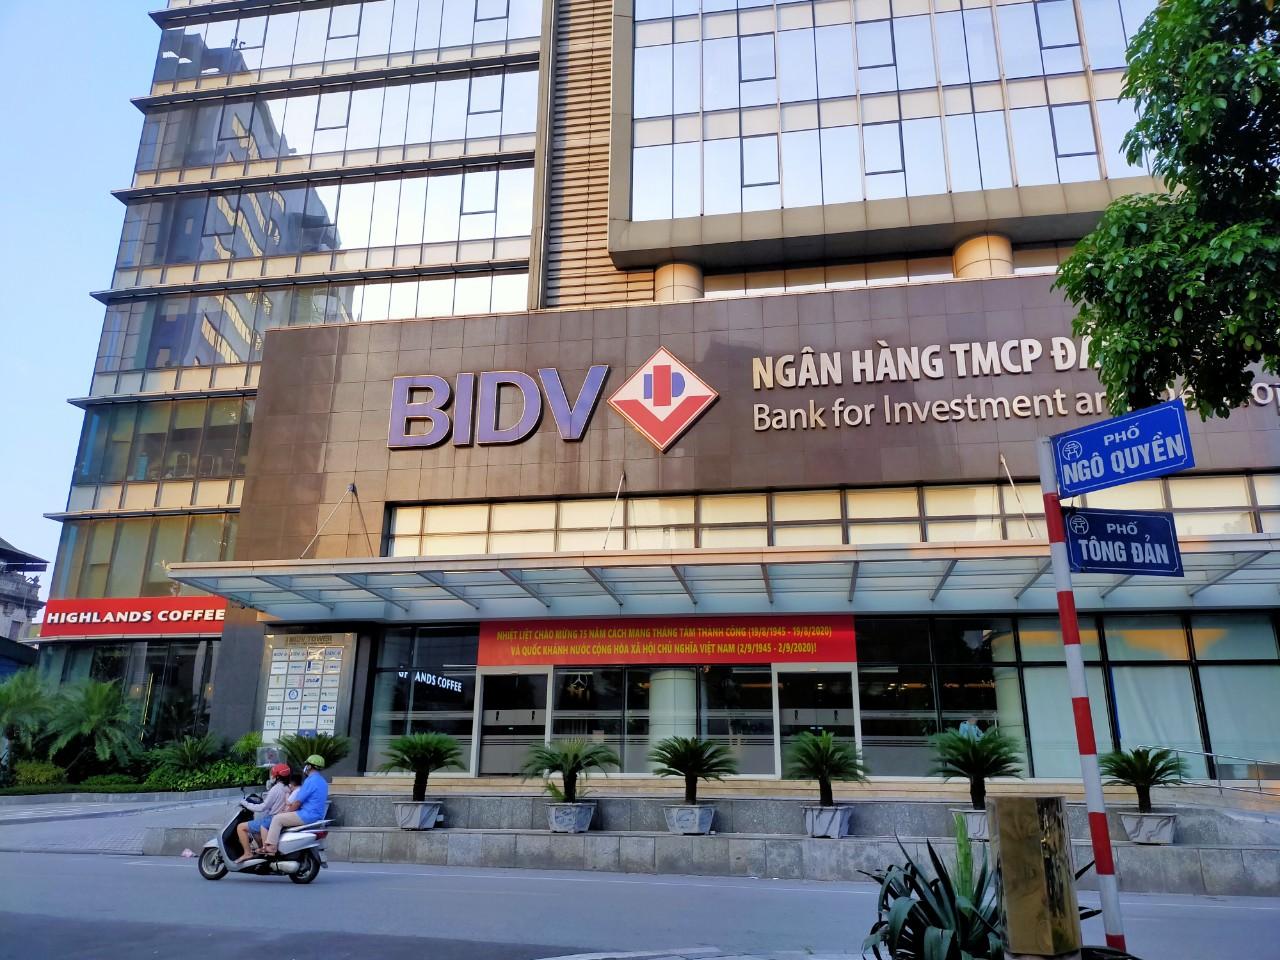 BIDV rao bán loạt khoản nợ hàng trăm tỷ đồng - Ảnh 1.